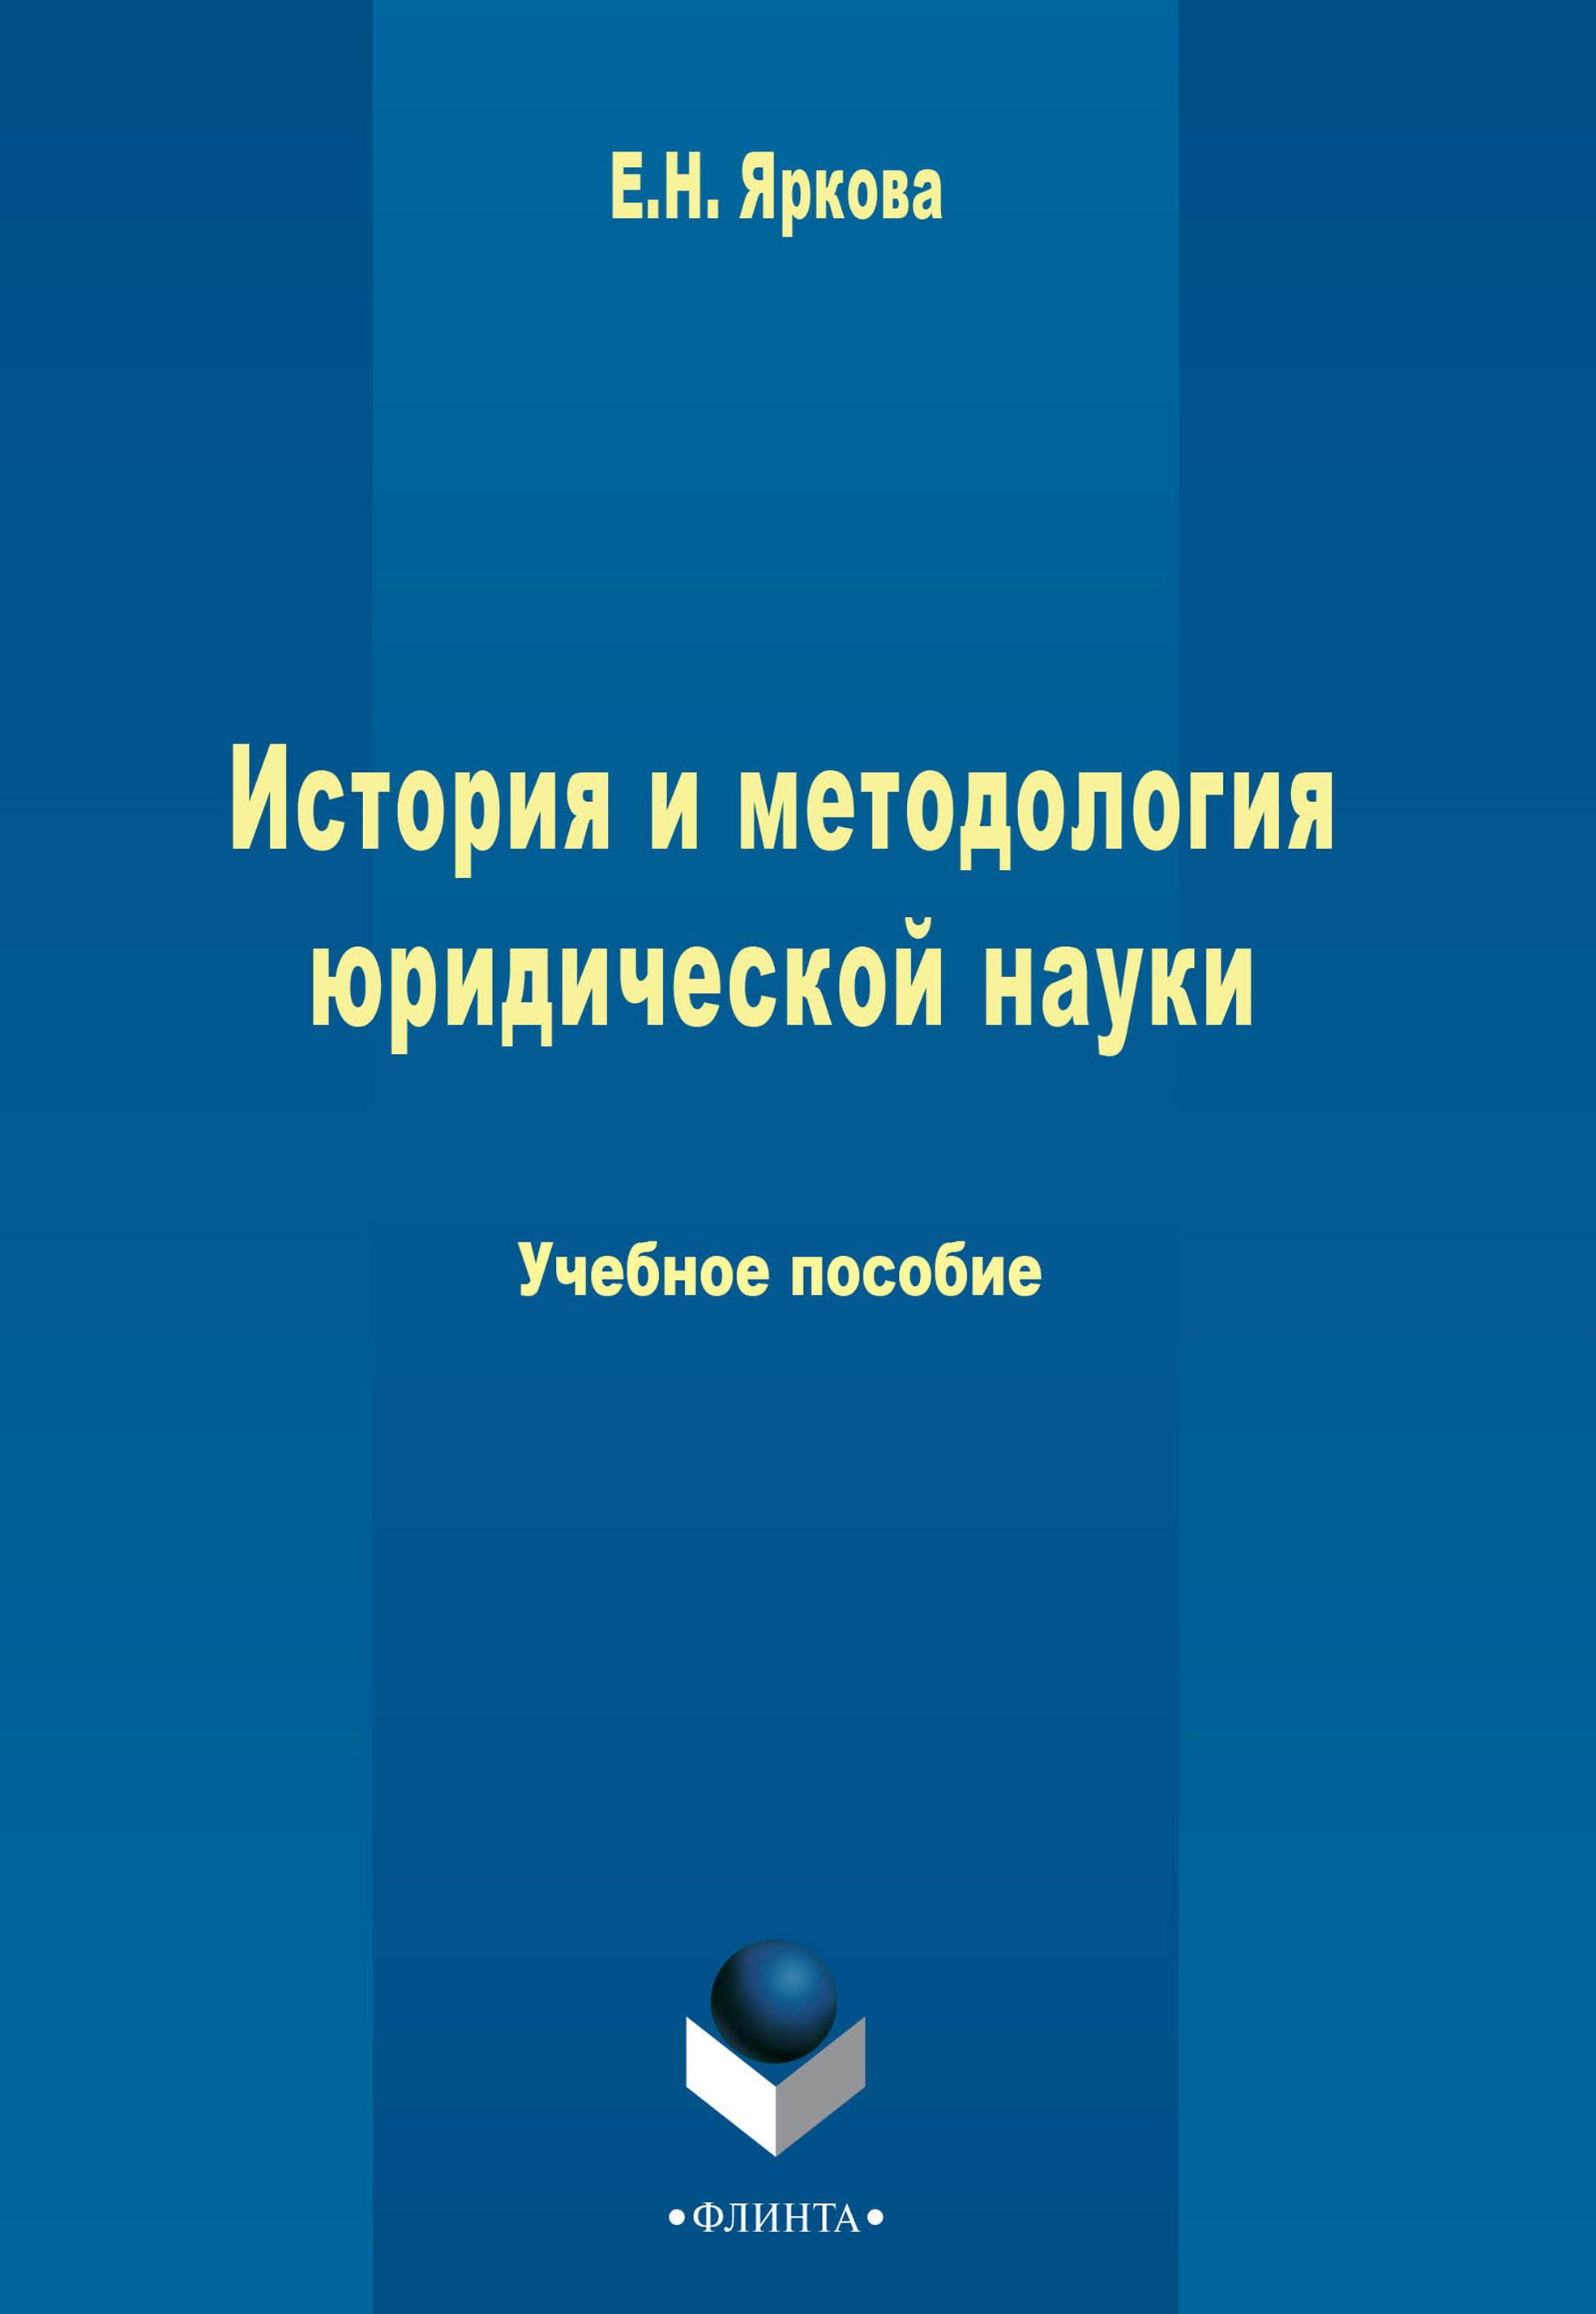 История и методология юридической науки ( Е. Н. Яркова  )